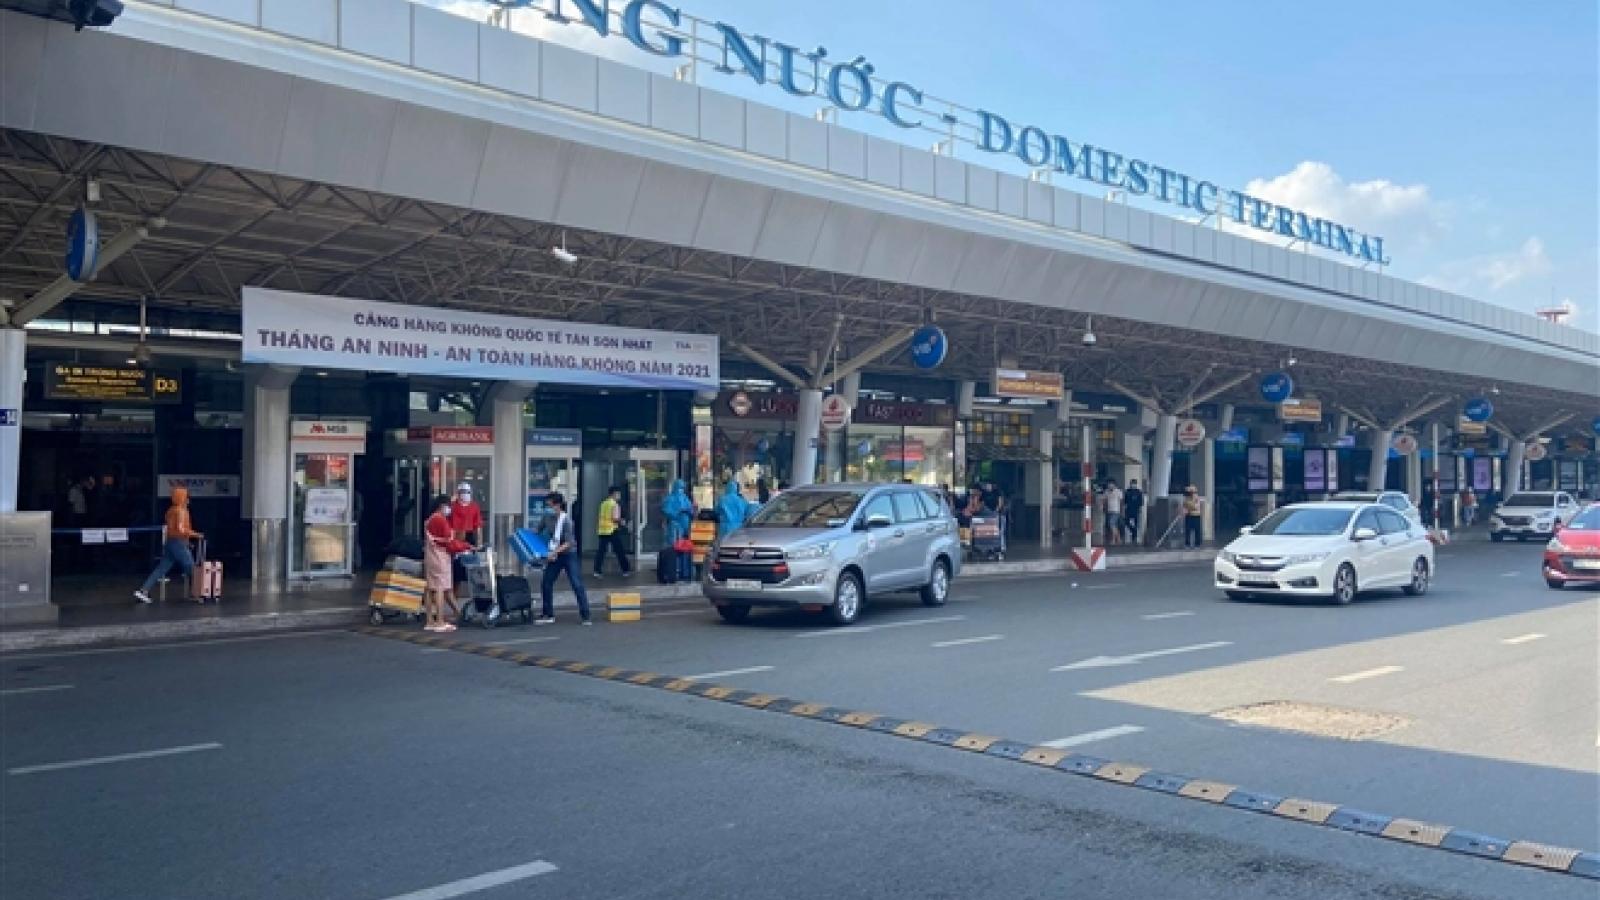 29 Tết, sân bay Tân Sơn Nhất thưa thớt, hành khách kín mít đồ bảo hộ